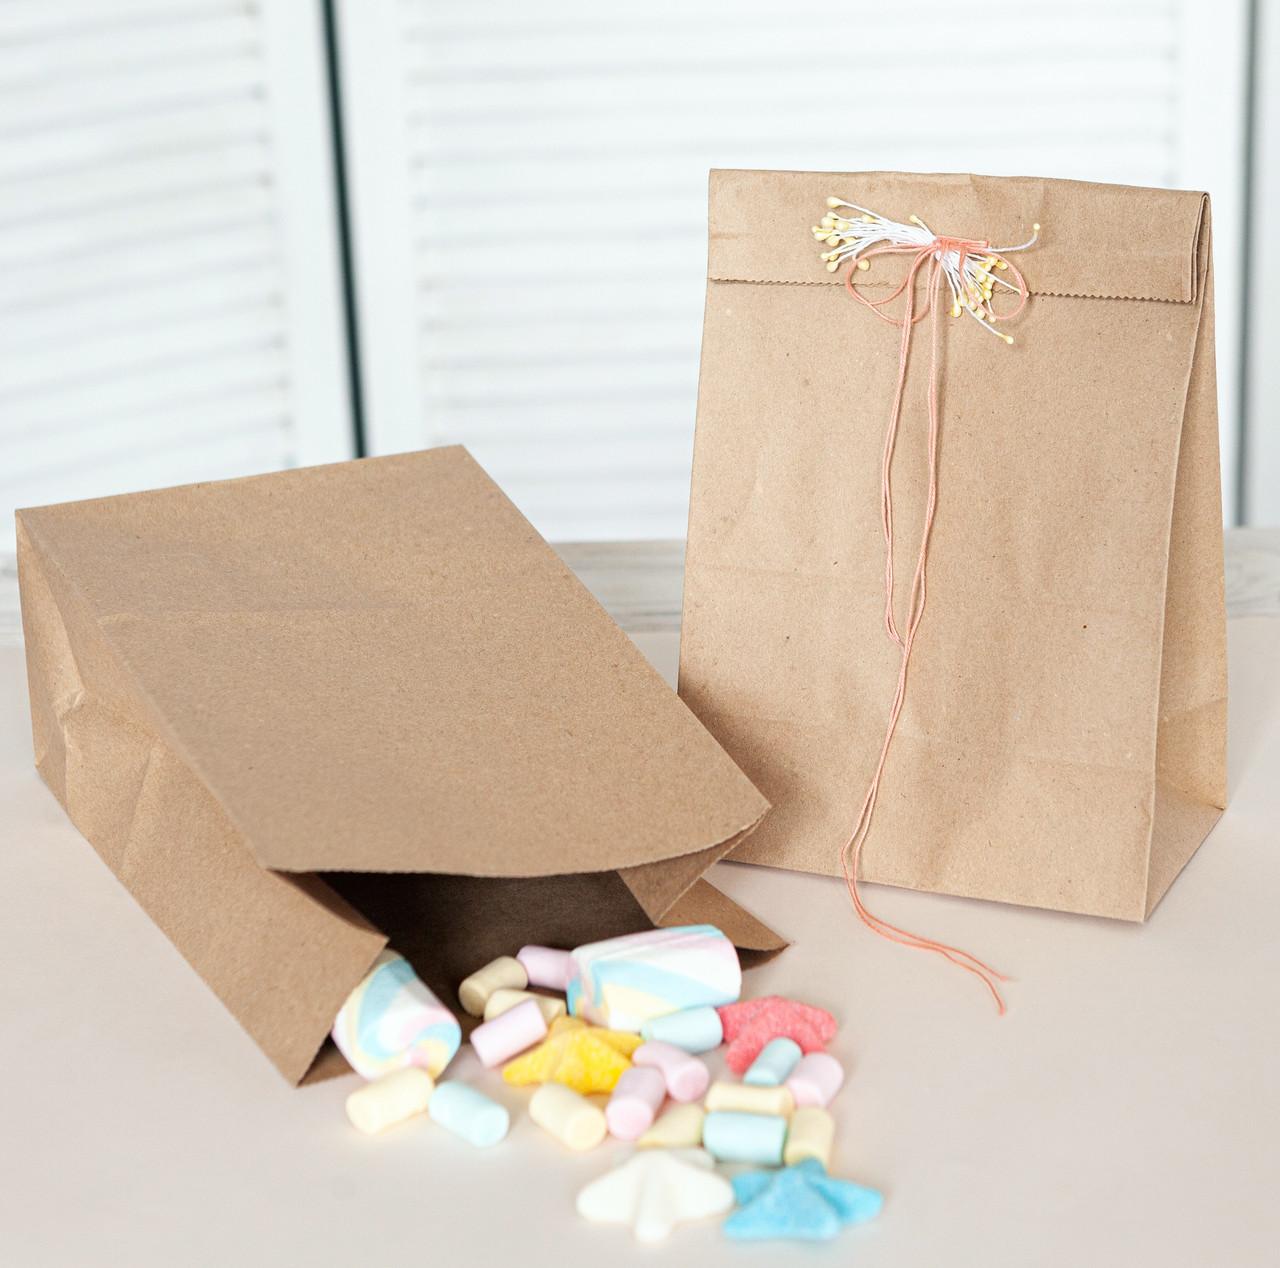 Бумажный пакет с плоским дном 150*90*240 мм крафт пакет, упаковка 500 штук